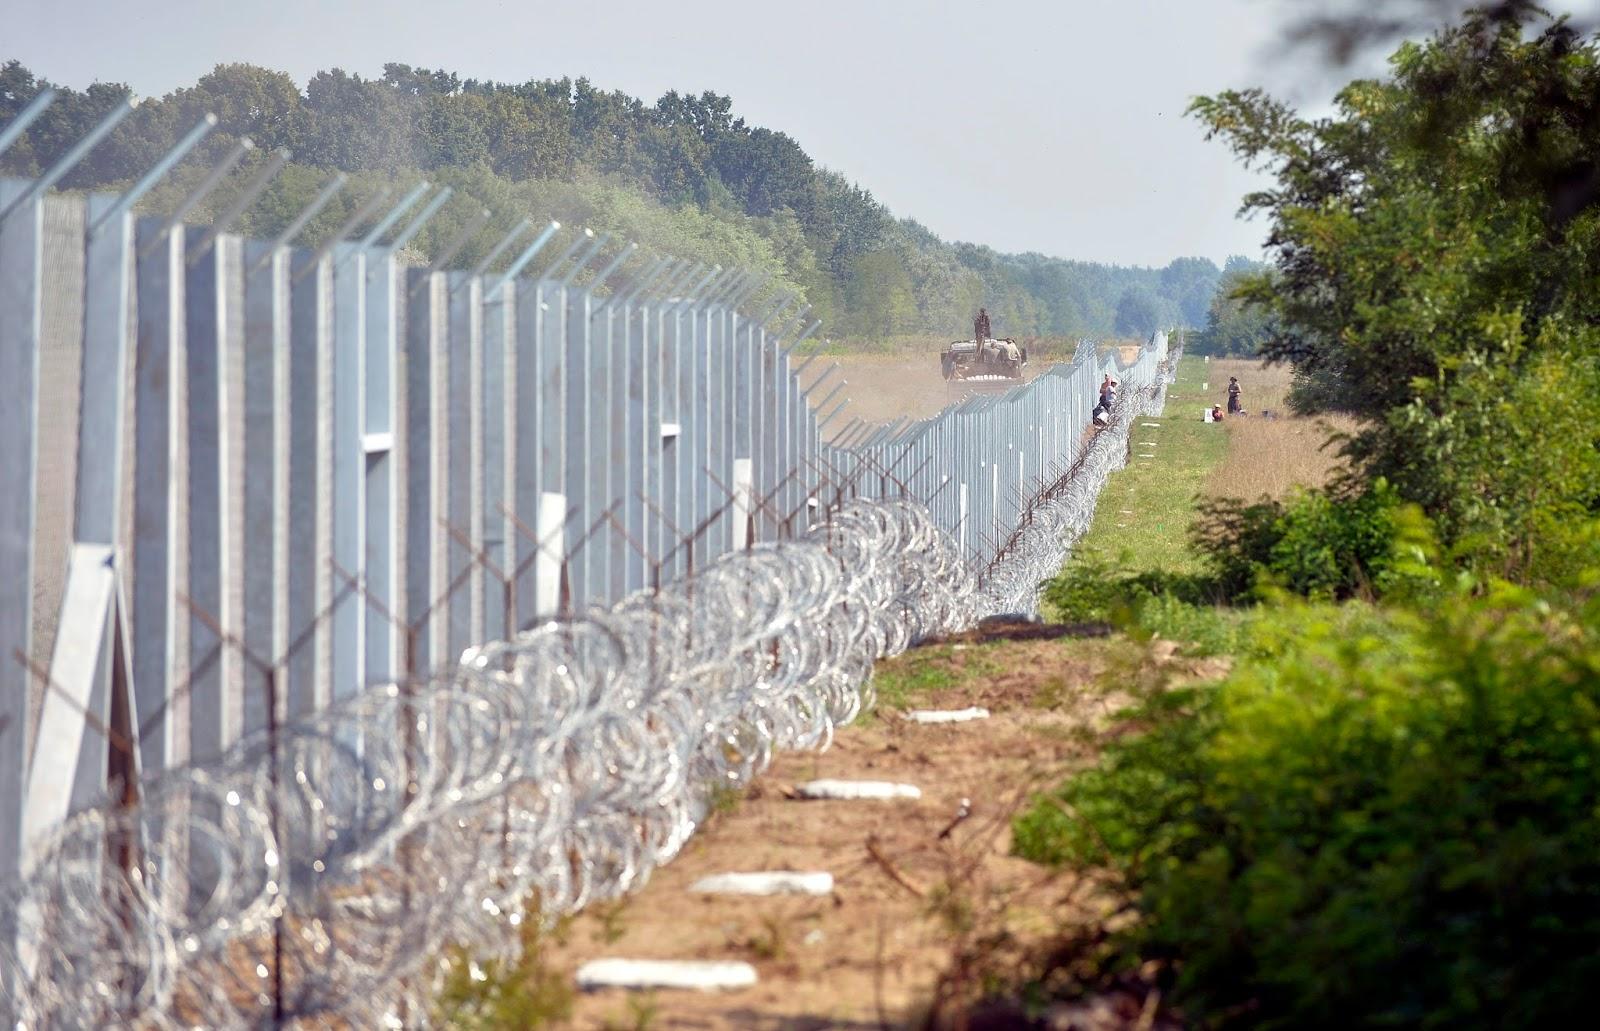 Jean Asselborn, Magyarország, Európai Unió, Die Welt, határzár, háborús menekültek, illegális bevándorlás, migráció, kvótareferendum,